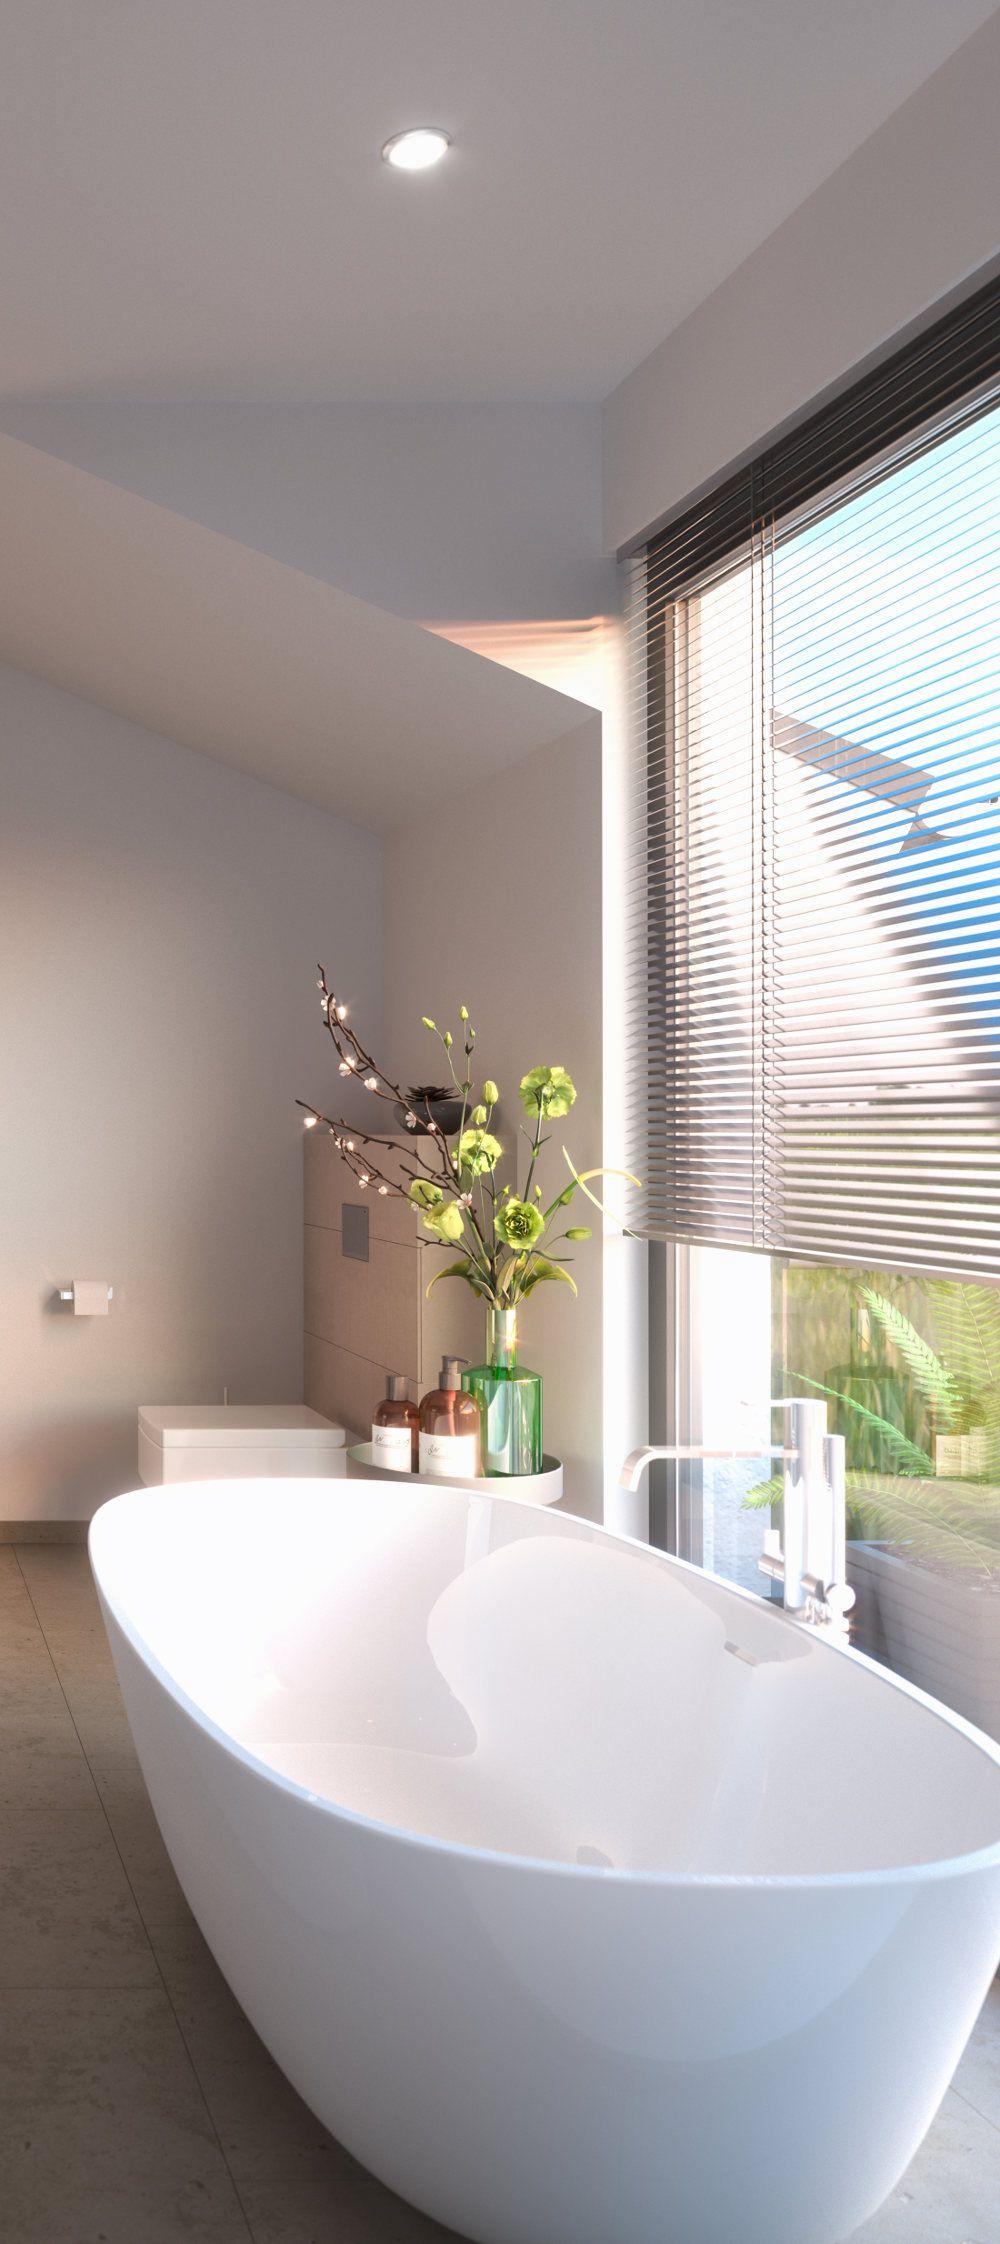 Eine elegante Badewanne vor großem Fenster. Wellness pur